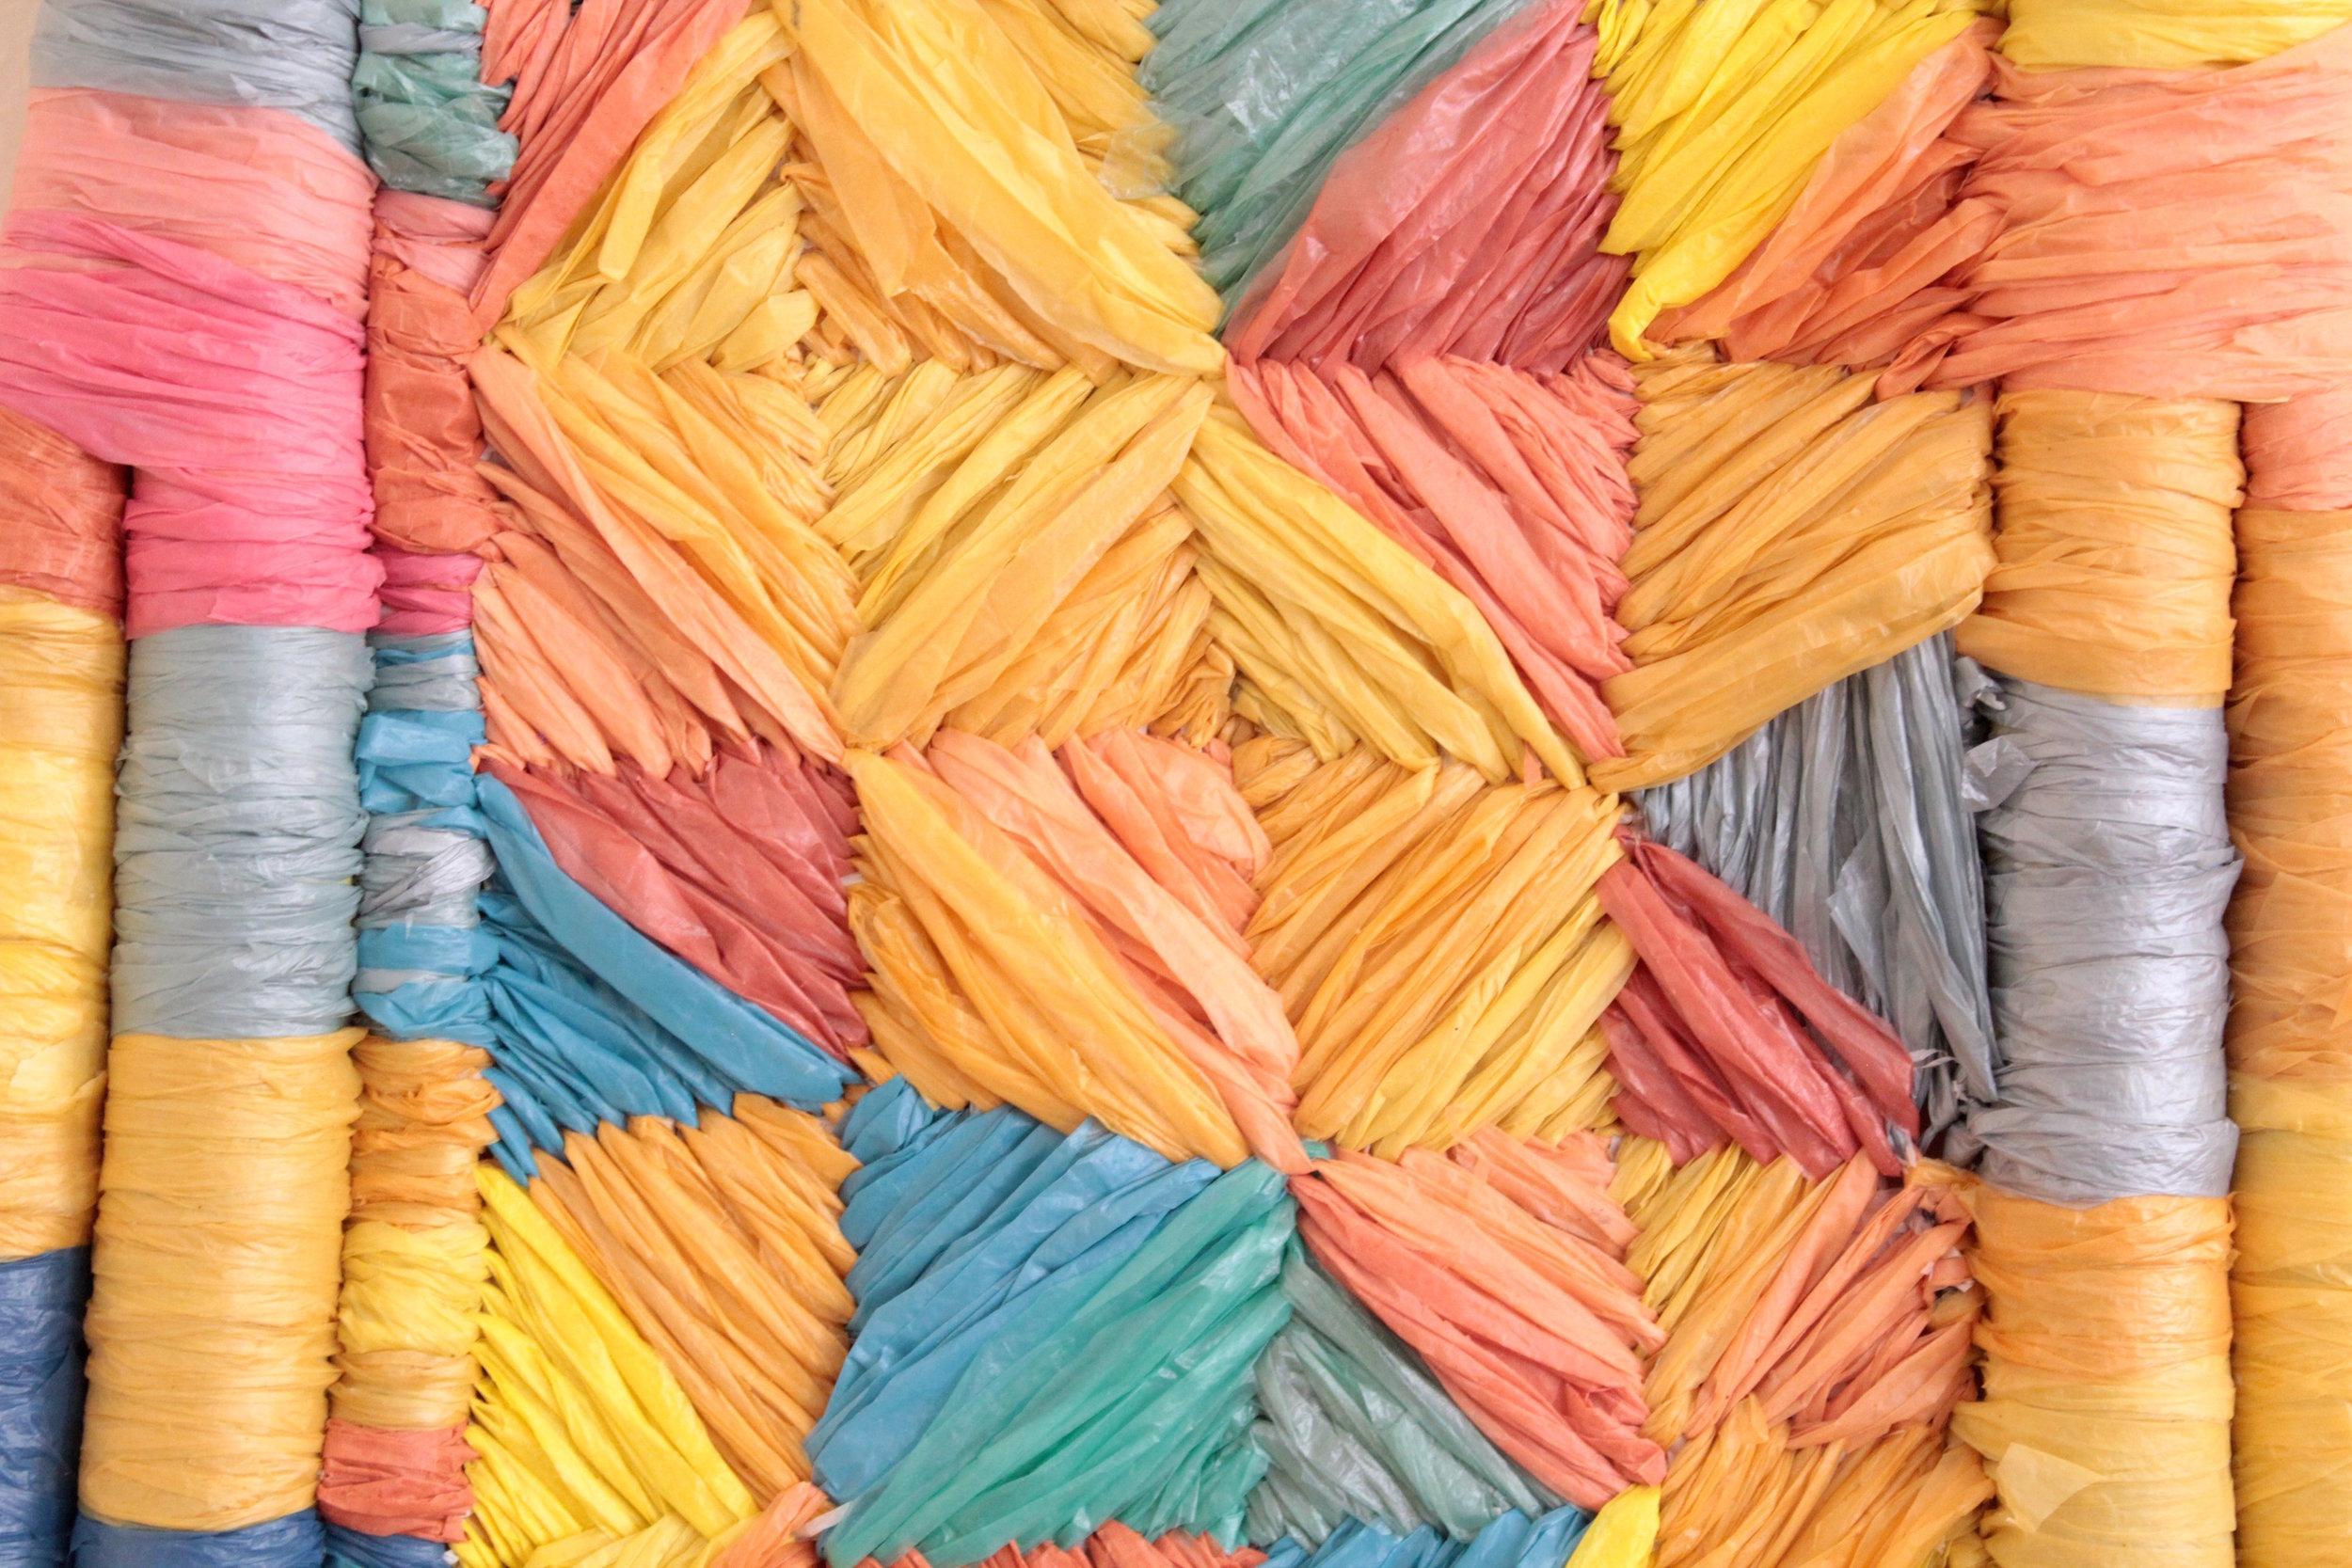 Untitled (Plastic Phulkari)